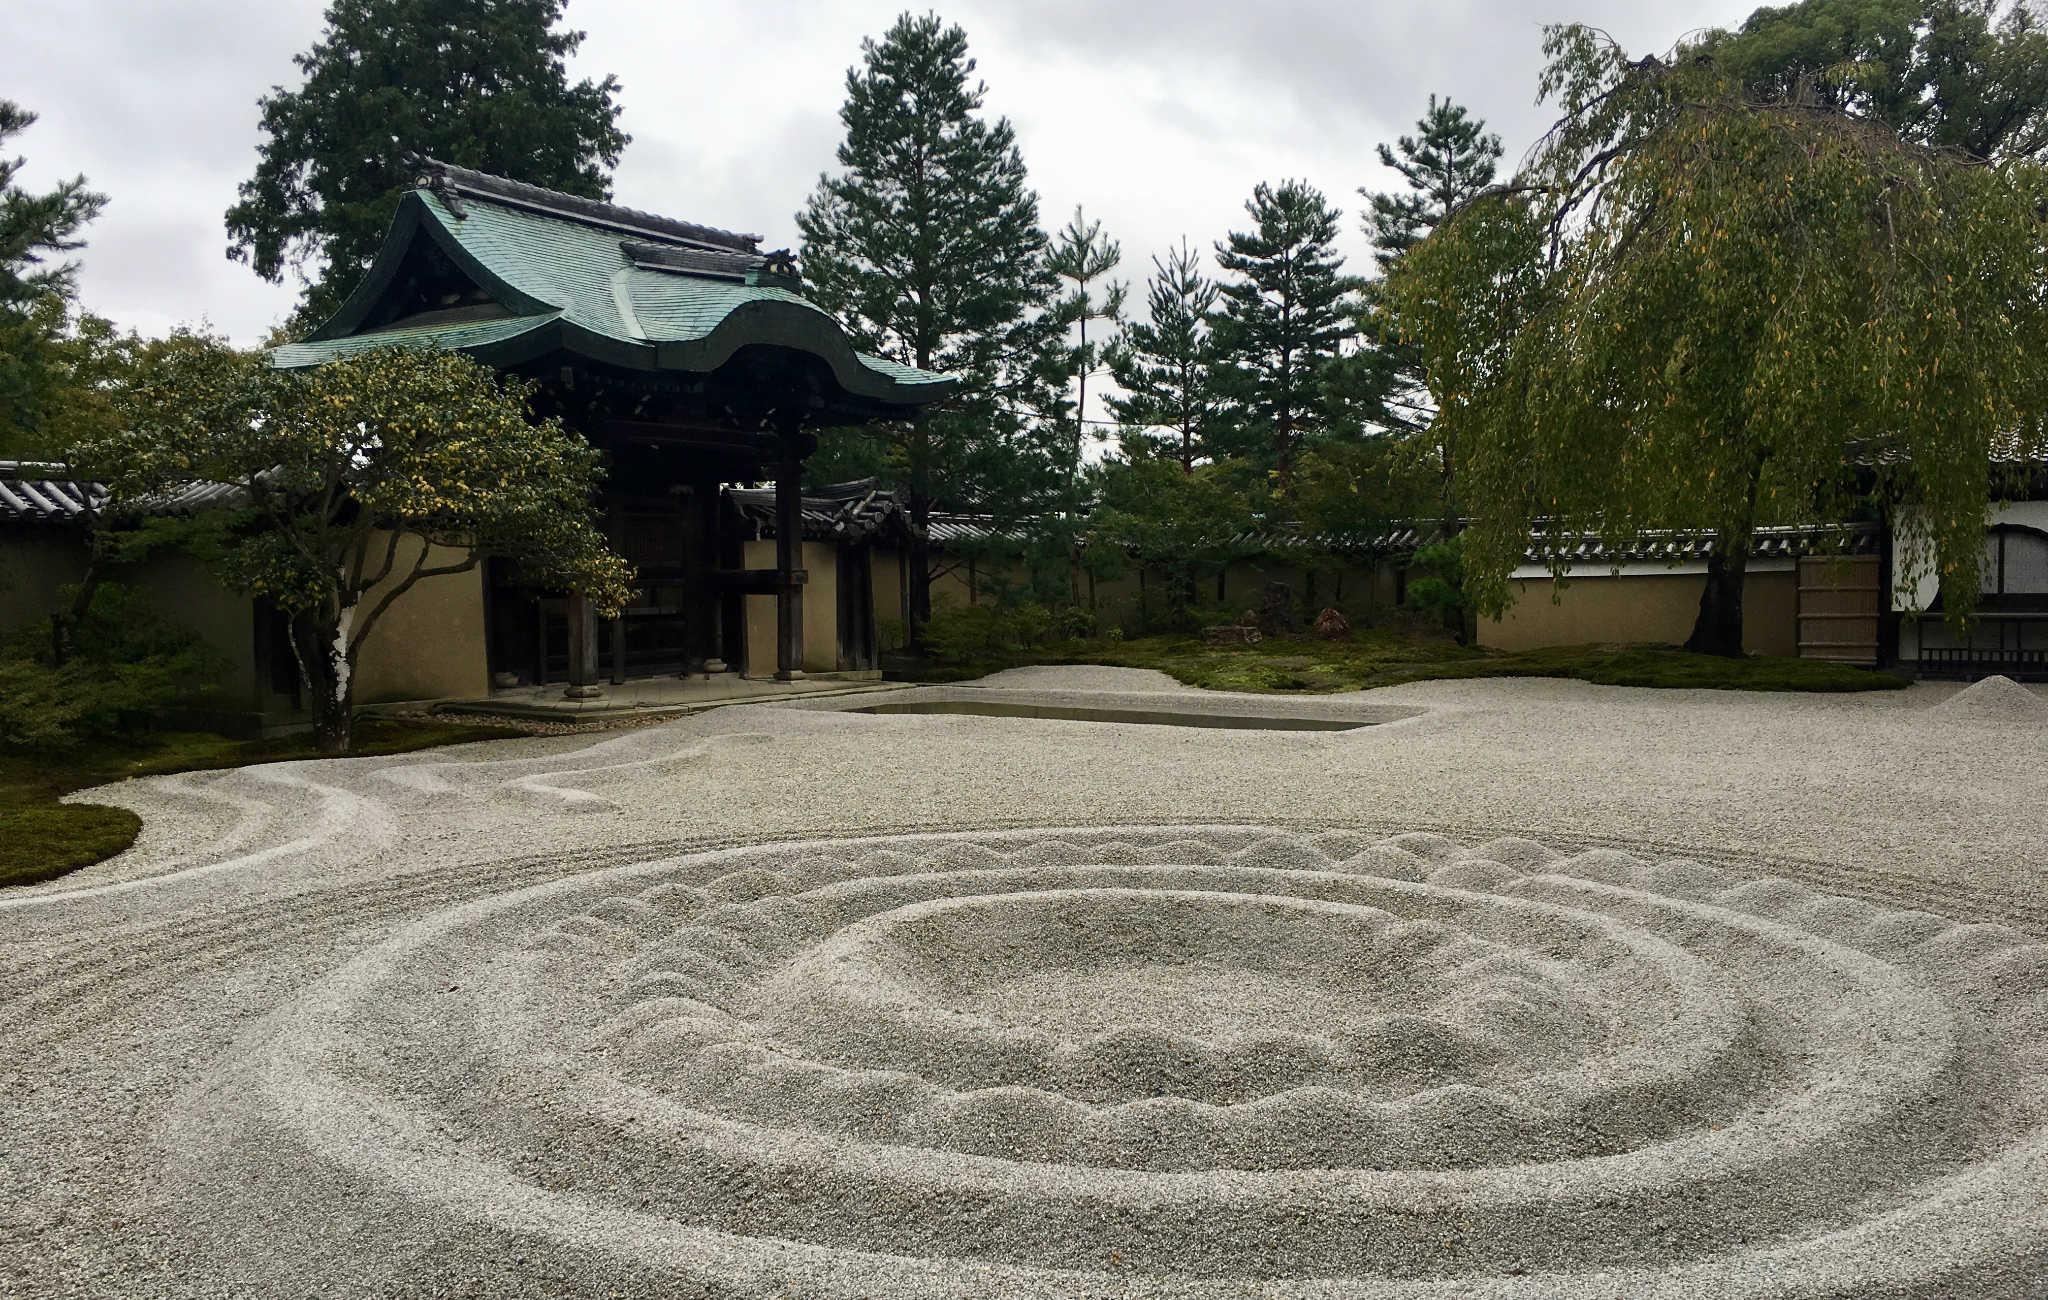 A côté du temple, un jardin zen